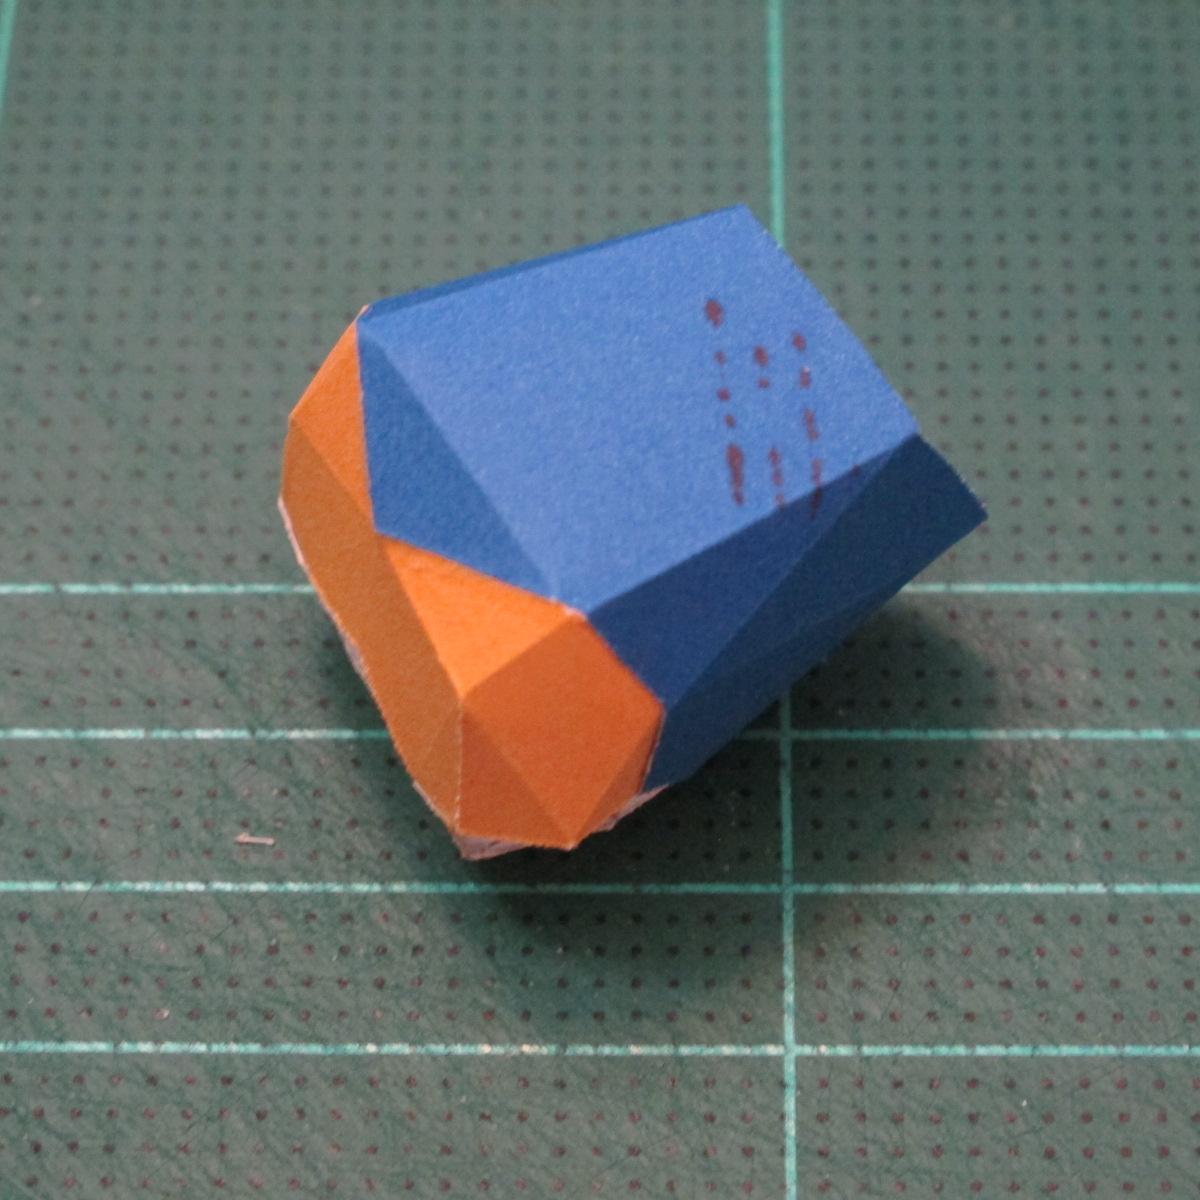 วิธีทำโมเดลกระดาษตุ้กตา คุกกี้รสราชินีสเก็ตลีลา จากเกมส์คุกกี้รัน (LINE Cookie Run Skating Queen Cookie Papercraft Model) 019